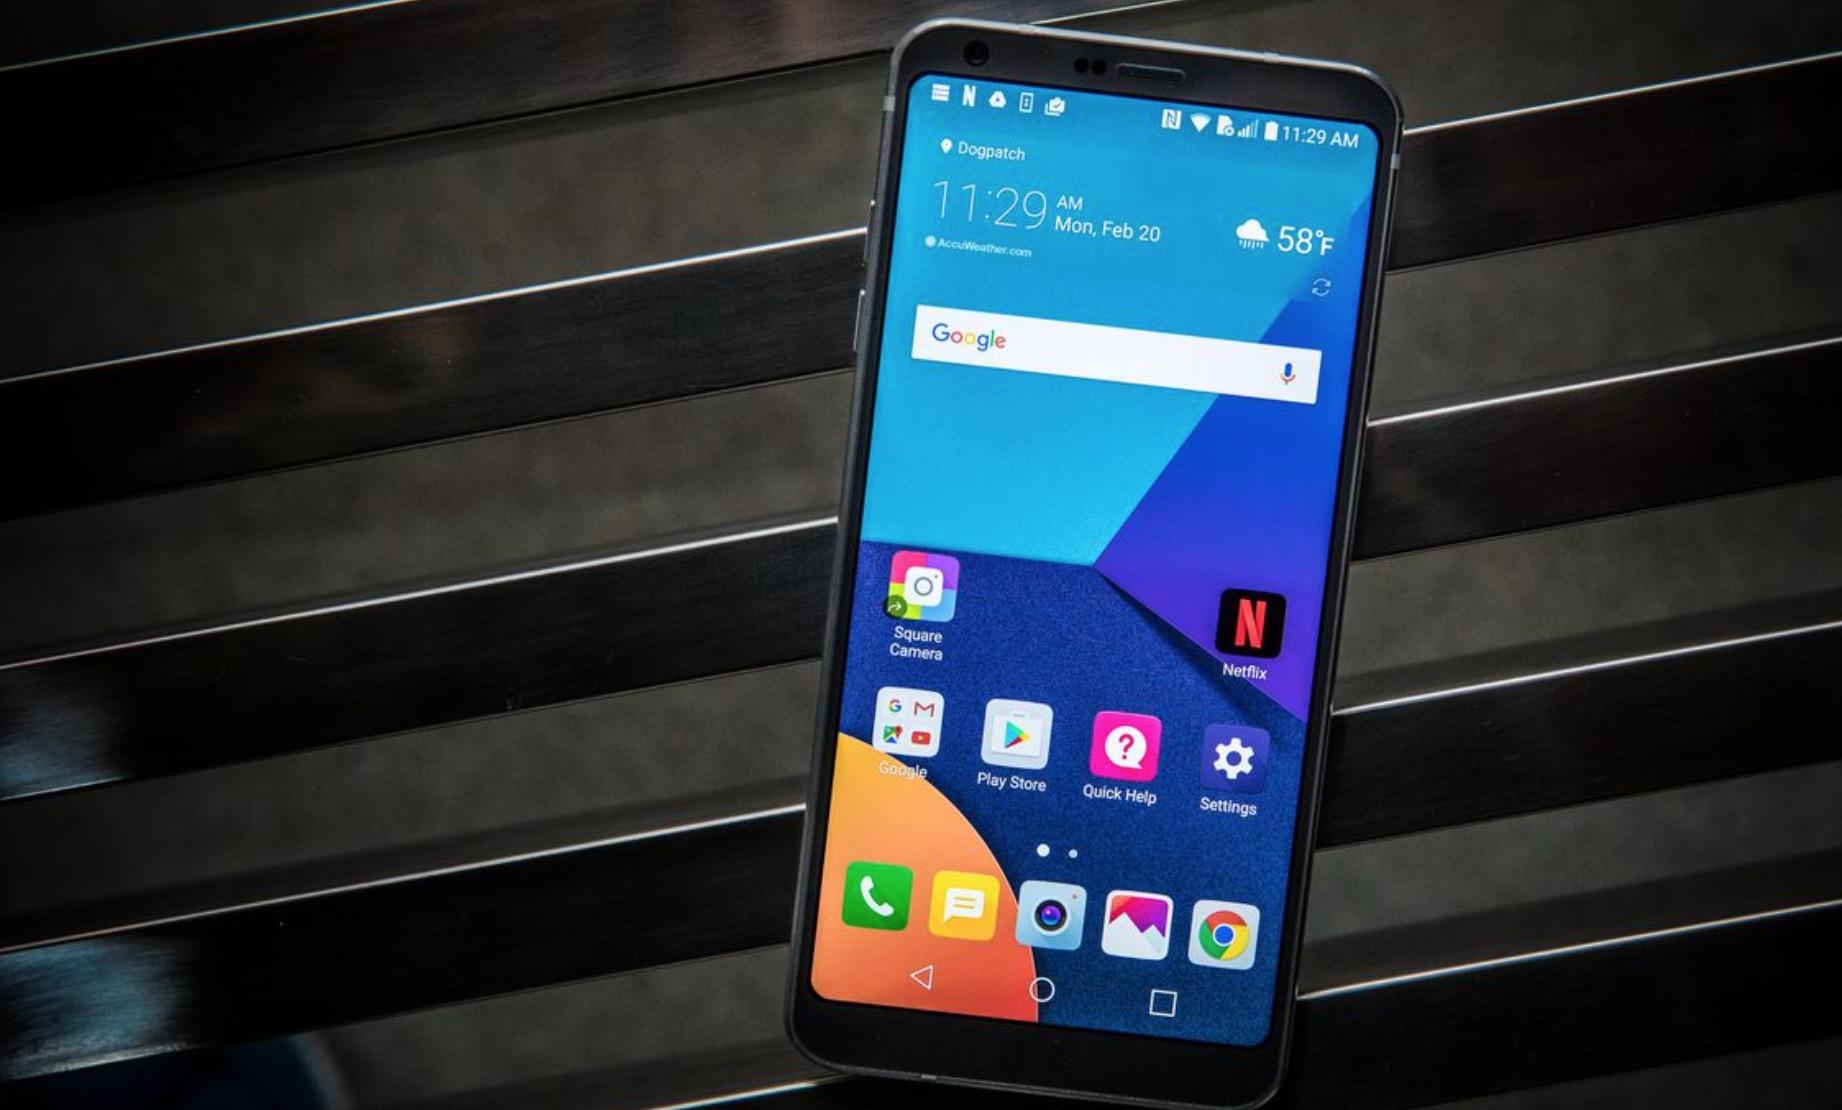 Sistema operativo Android LG G6